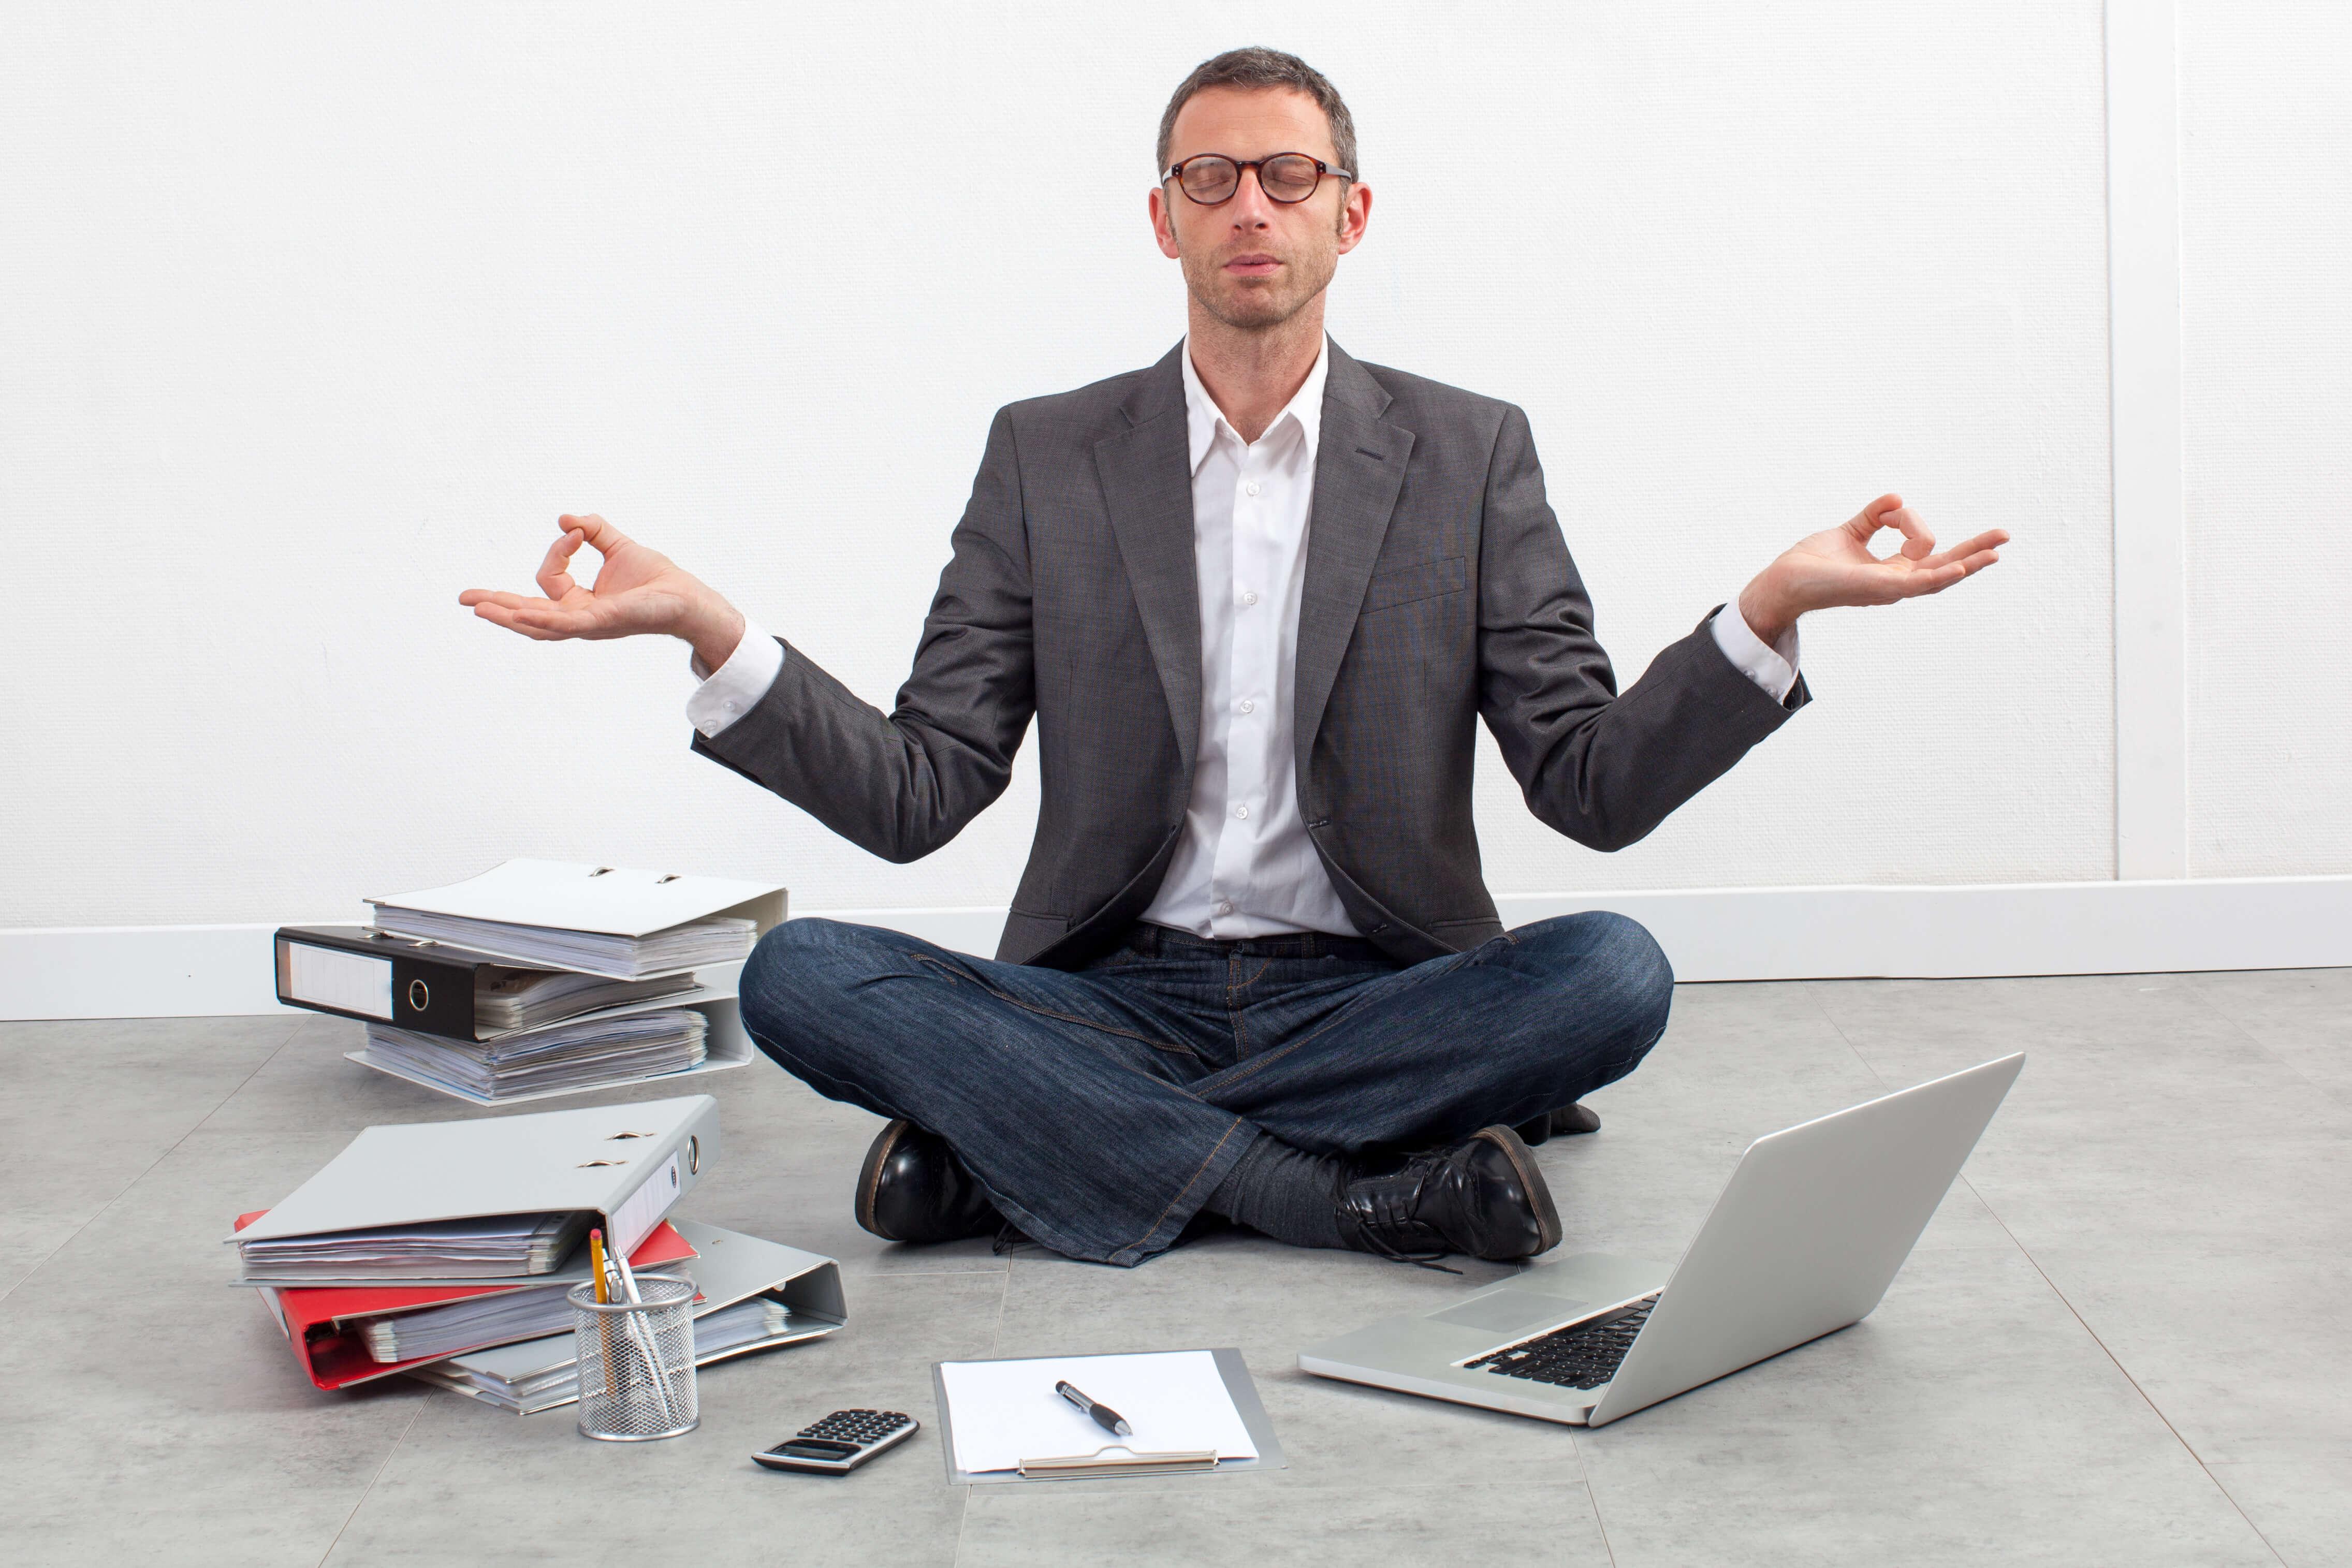 Évaluez votre niveau de bien-être au travail?